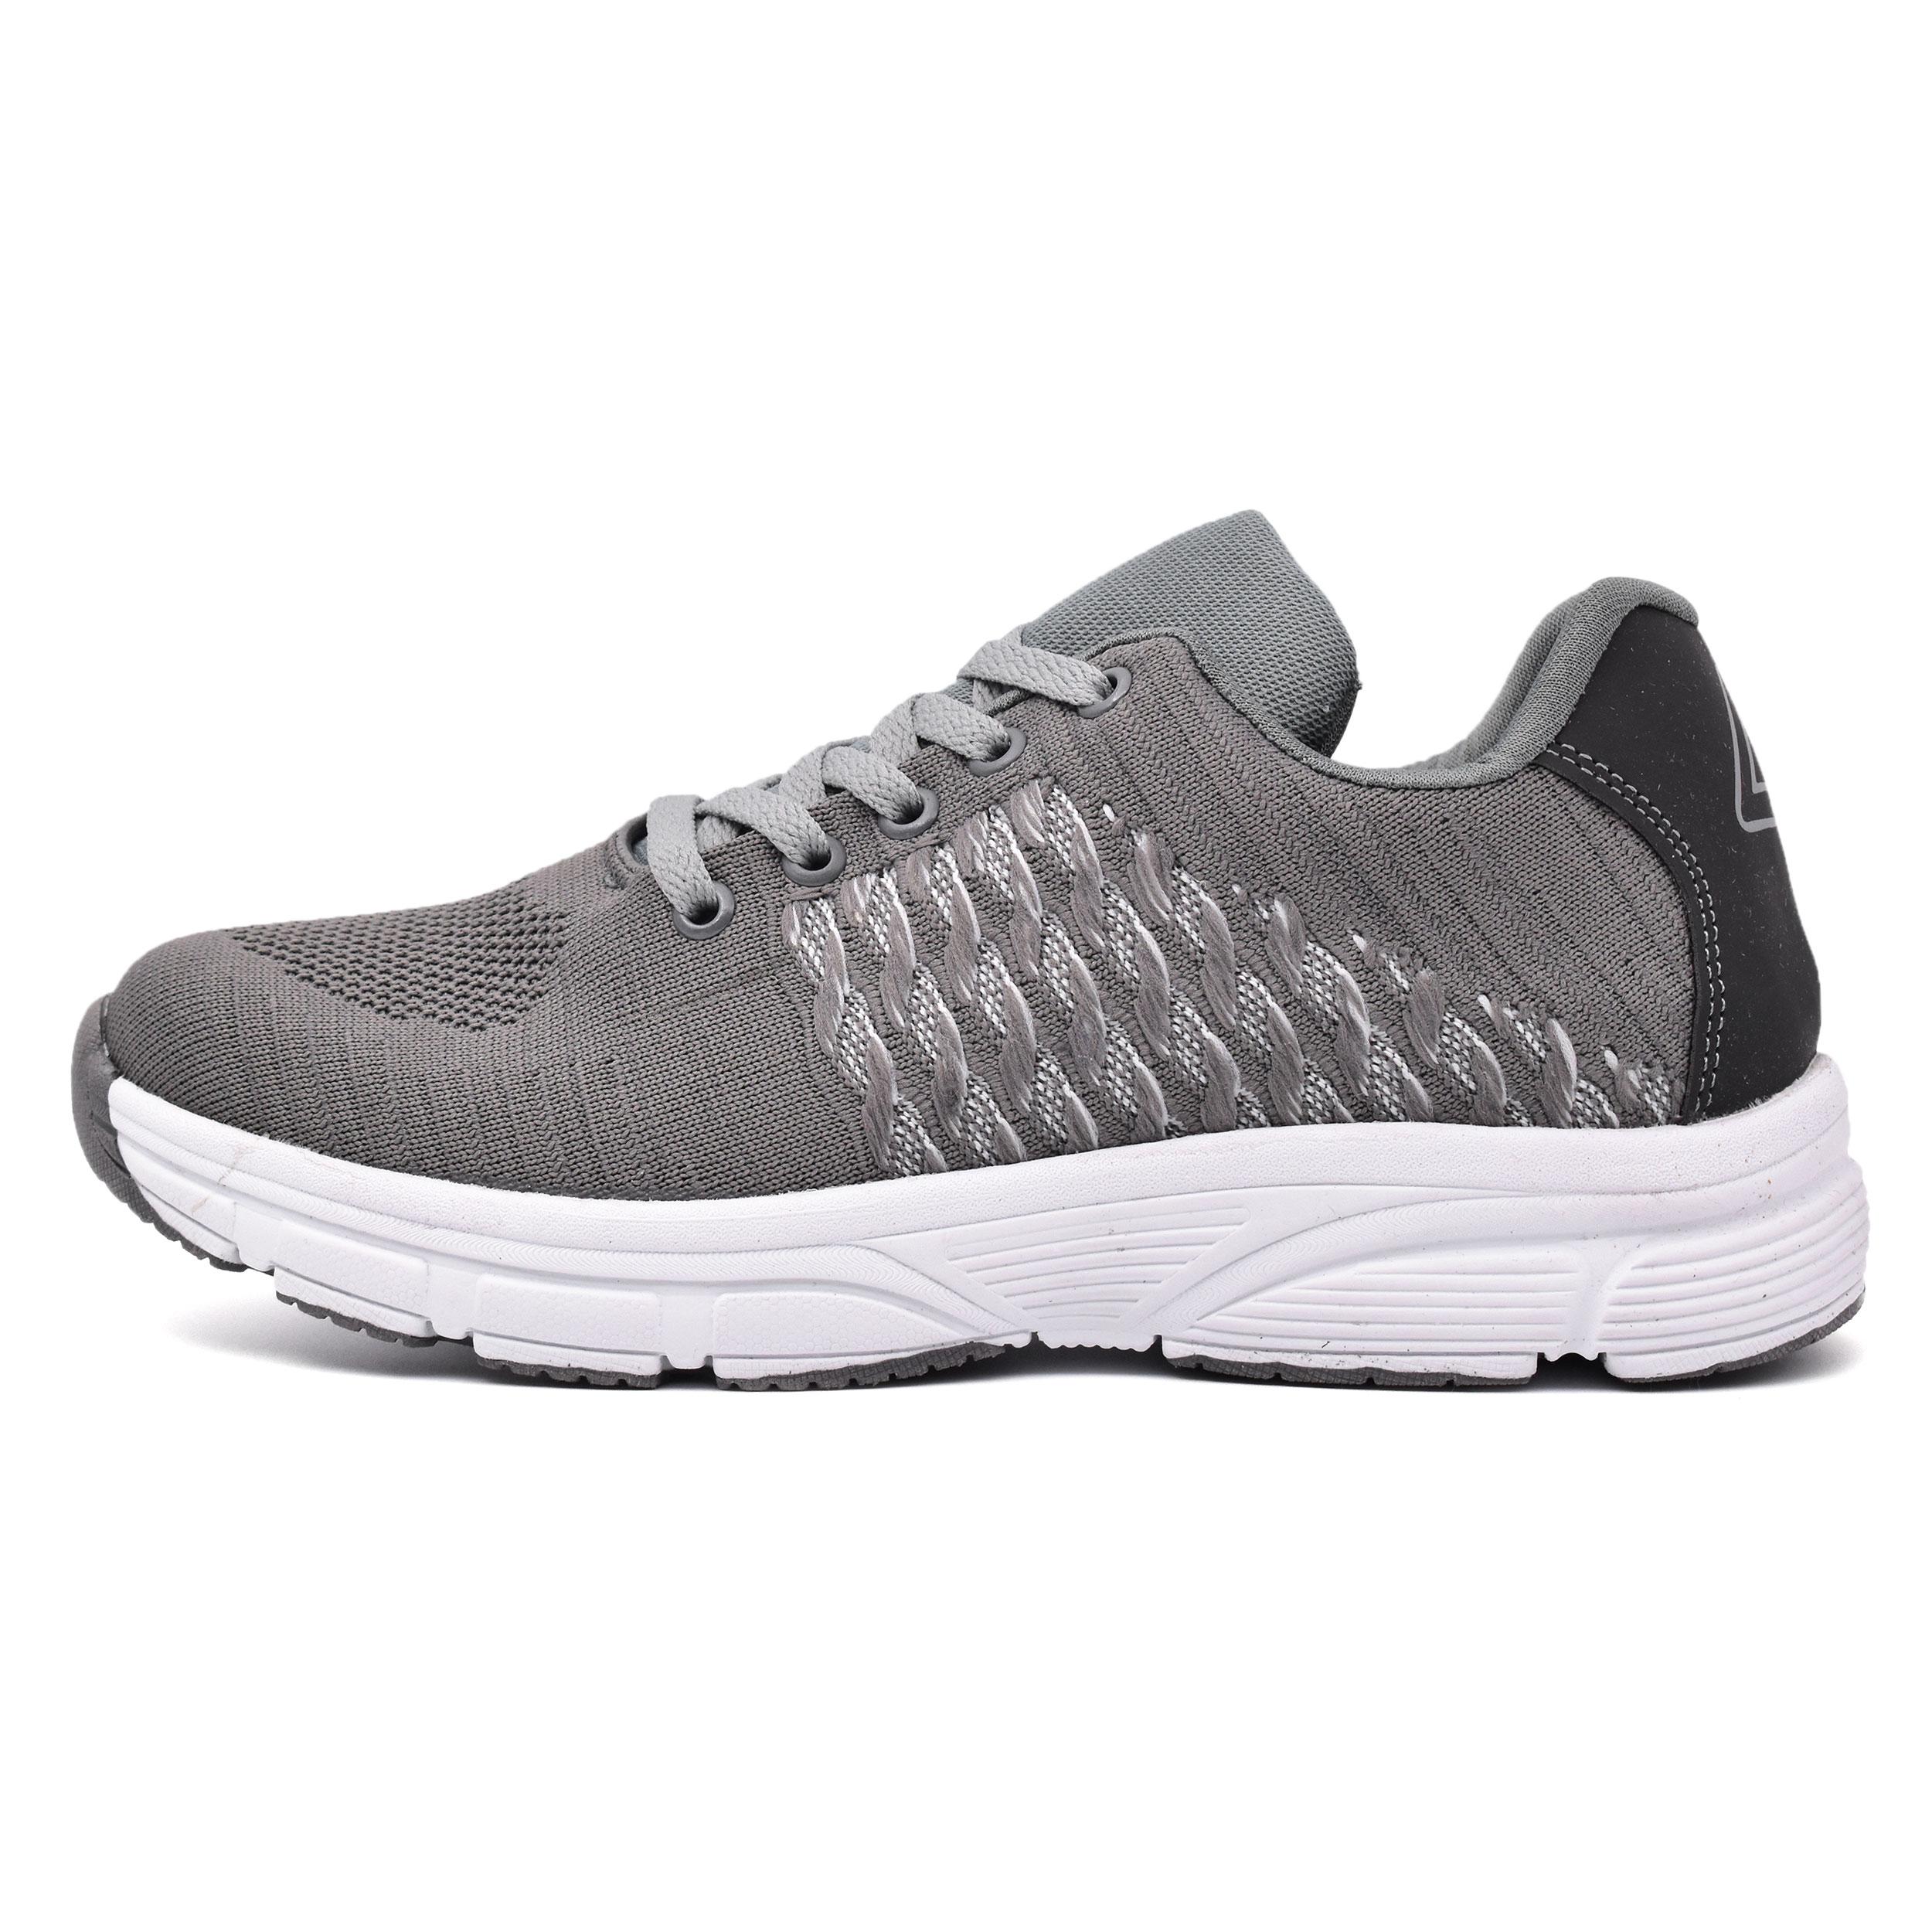 کفش مخصوص پیاده روی زنانه نسیم مدل اسپیرال کد 6732              خرید